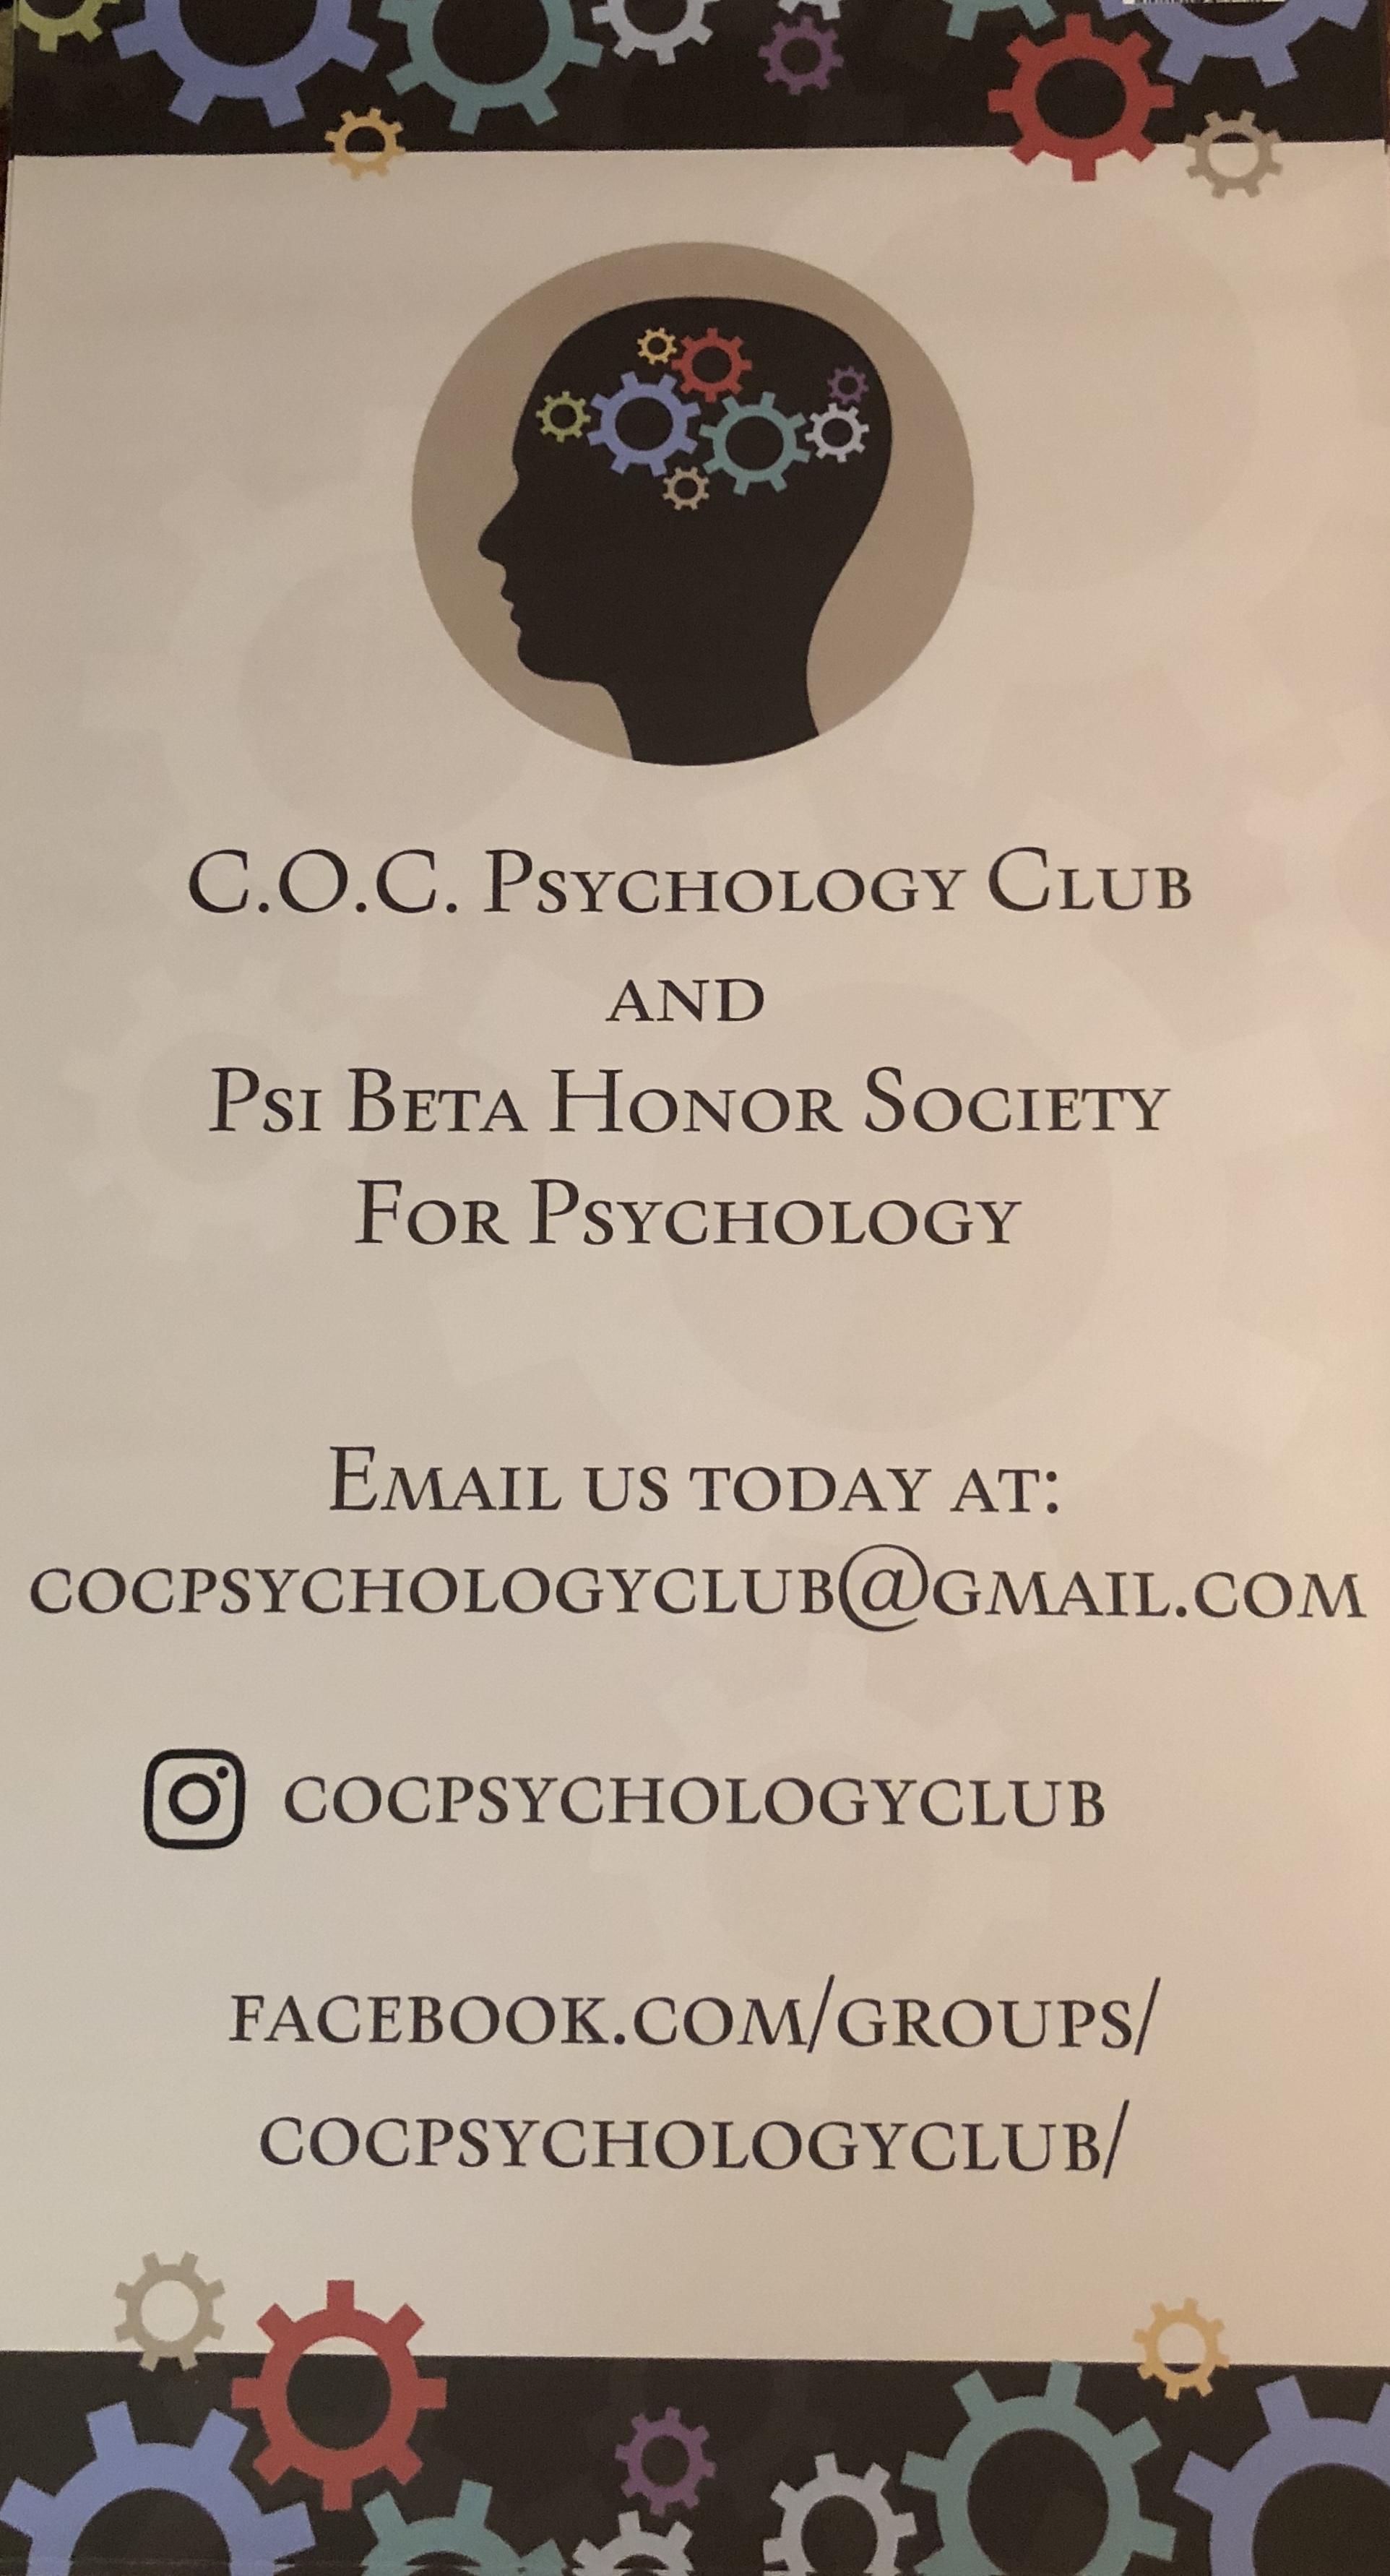 C.O.C. Psychology Club Annual Gratitude Gala/Fundraiser 2018